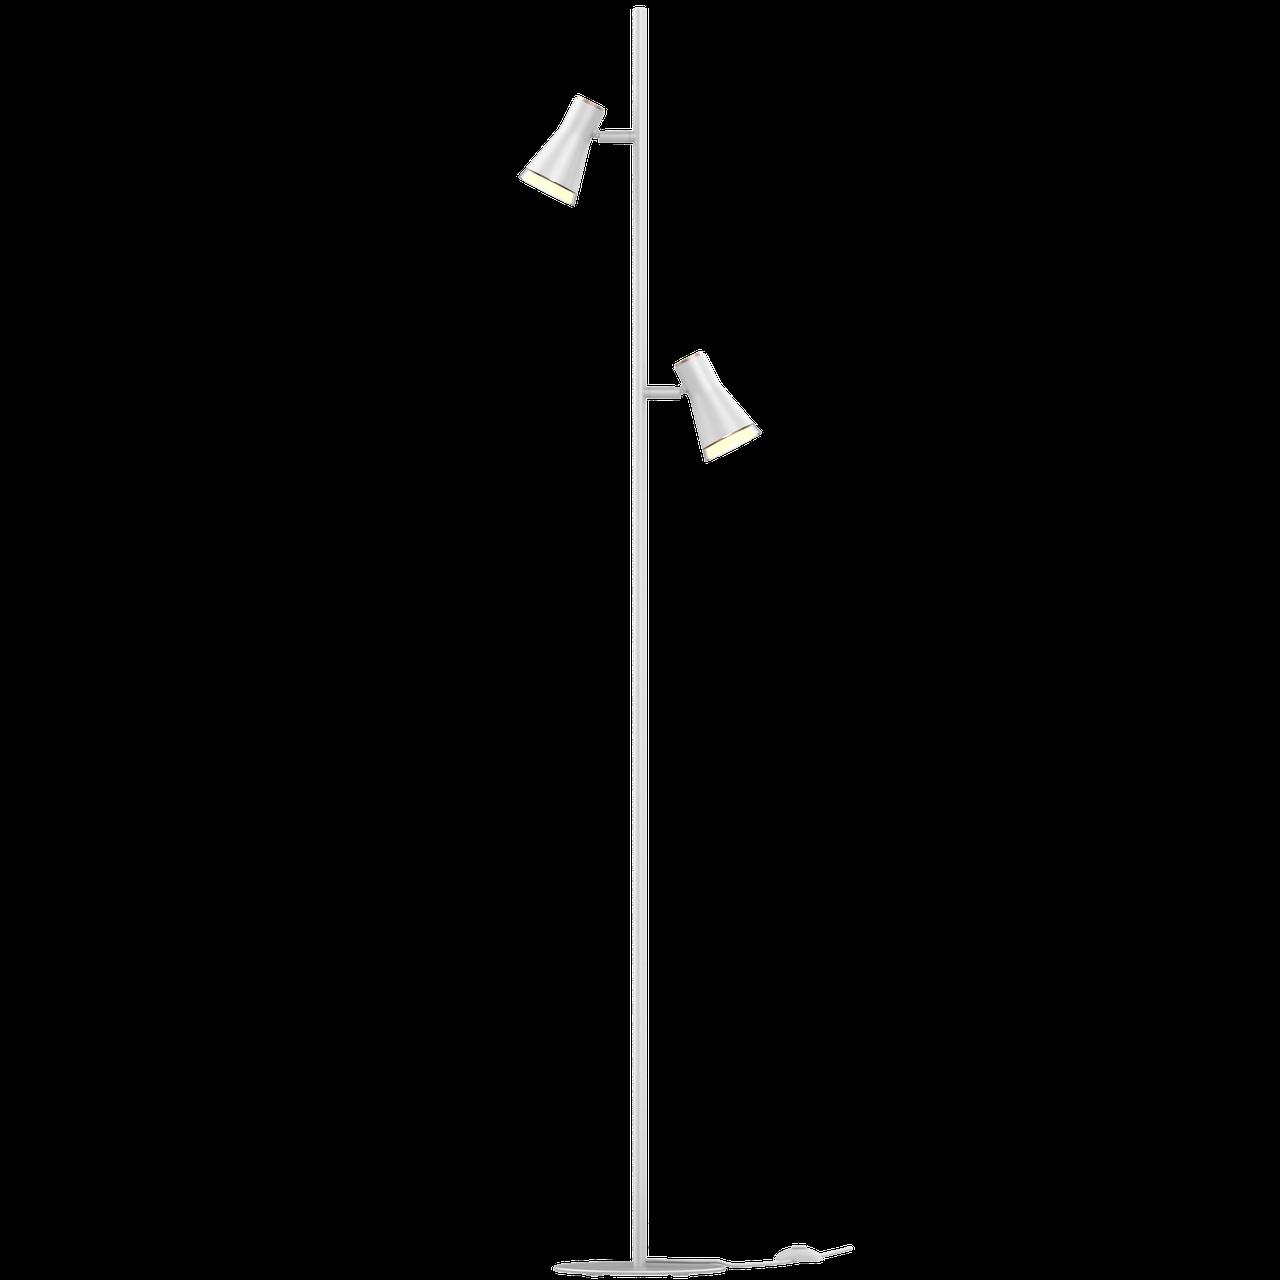 Спотовый светодиодный светильник (торшер) MAXUS MSL-02F 2x4W 4100K Белый